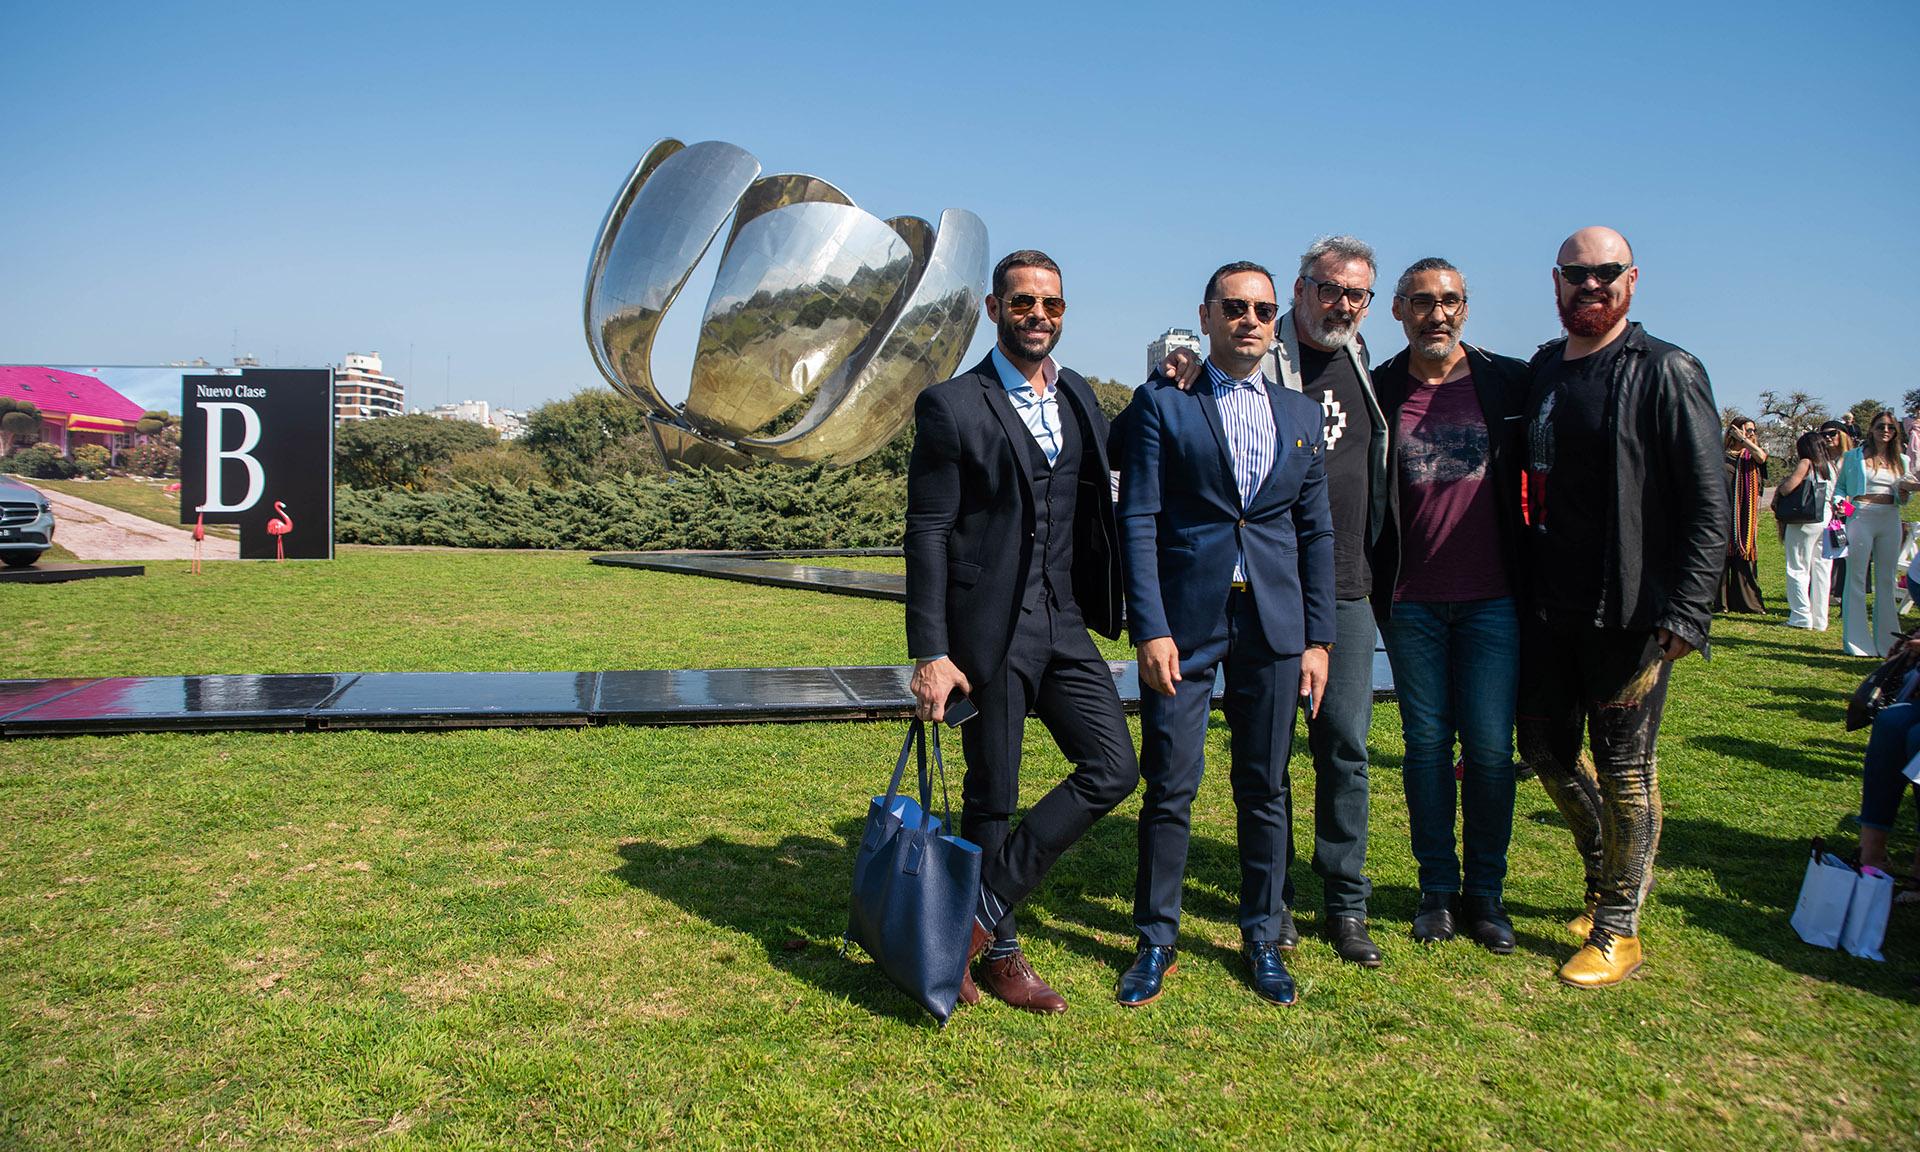 Mariano Caprarola, Fabián Medina Flores, Benito Fernández y Zeus